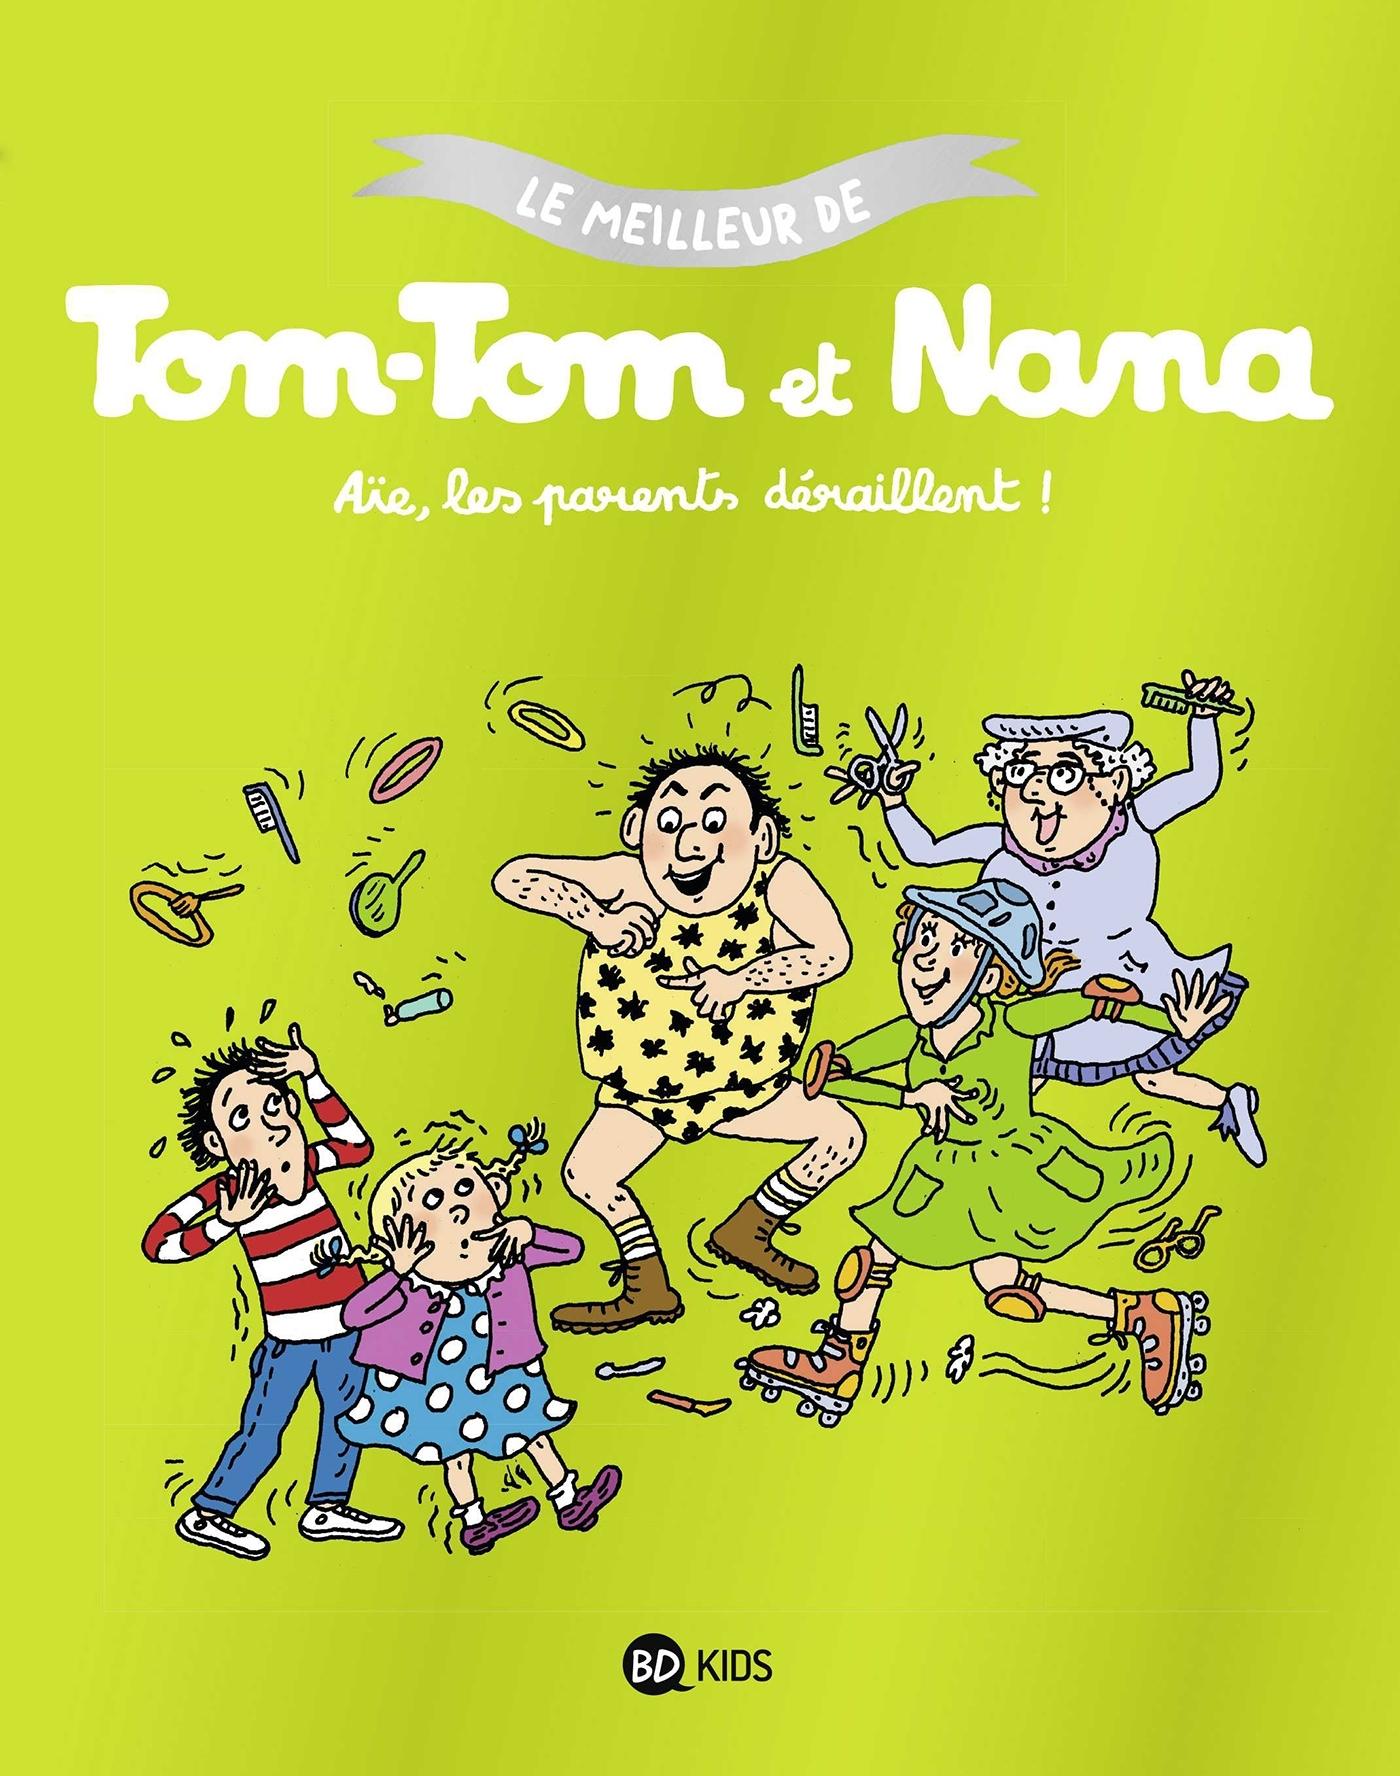 TOM-TOM ET NANA, TOME 03 - AIE LES PARENTS DERAILLENT - LE MEILLEUR DE TOM-TOM ET NANA